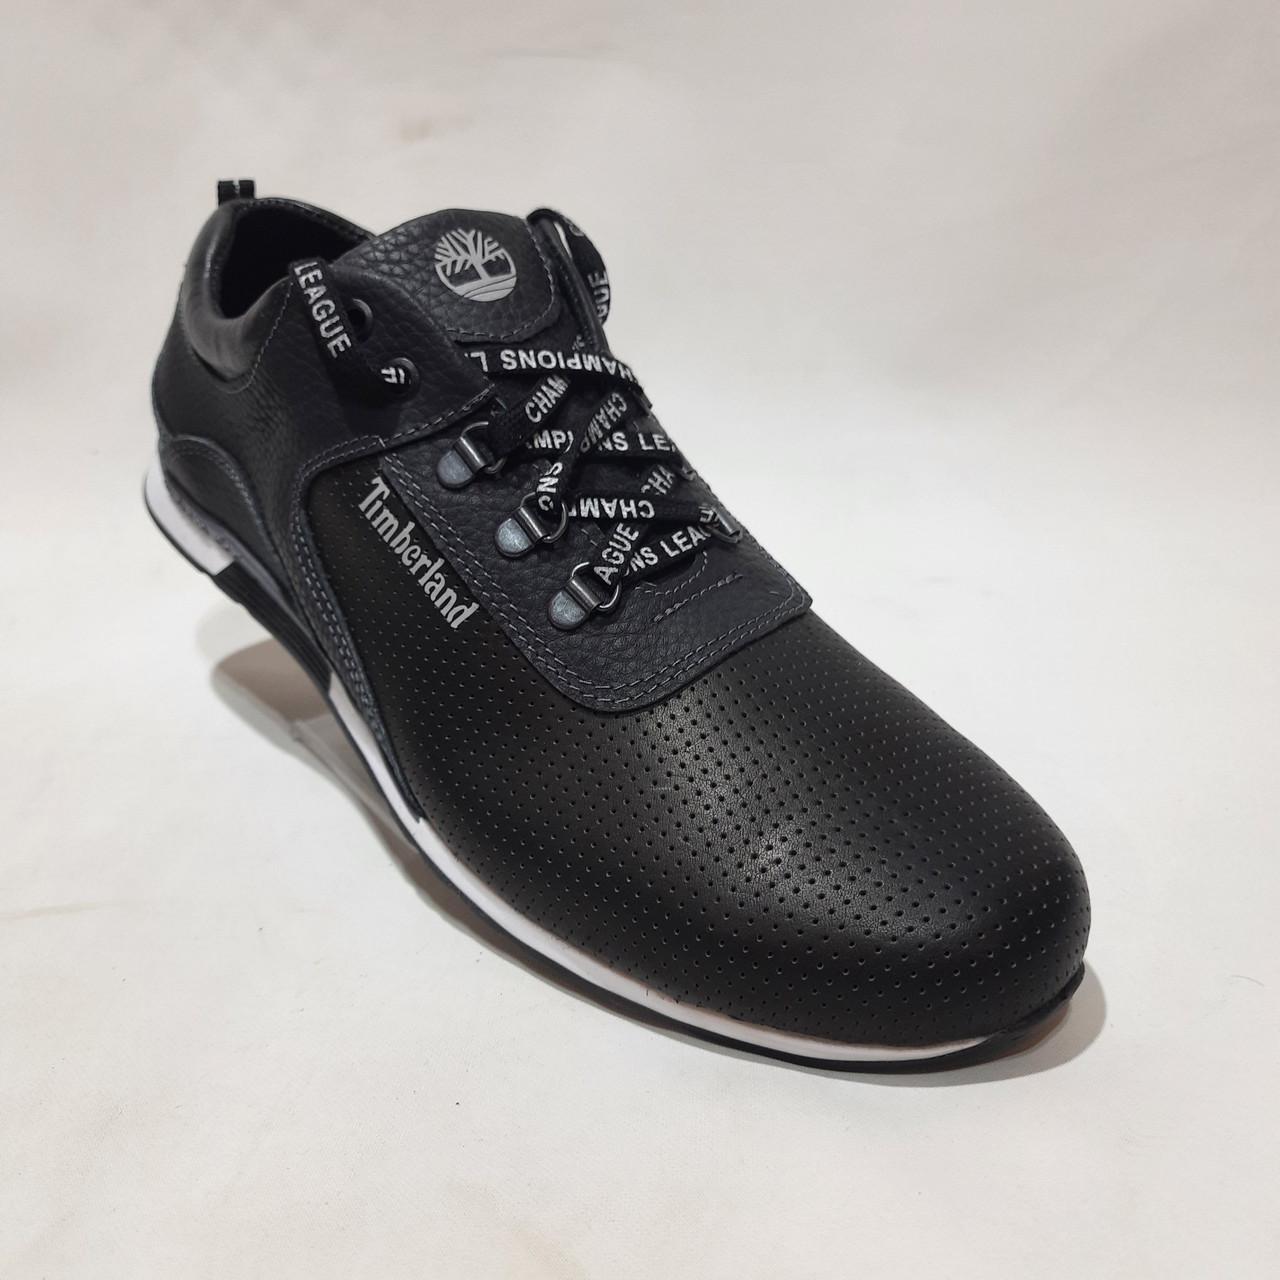 Летние мужские кроссовки (Больших размеров) перфорированная кожа черные 46,47,48,49,50